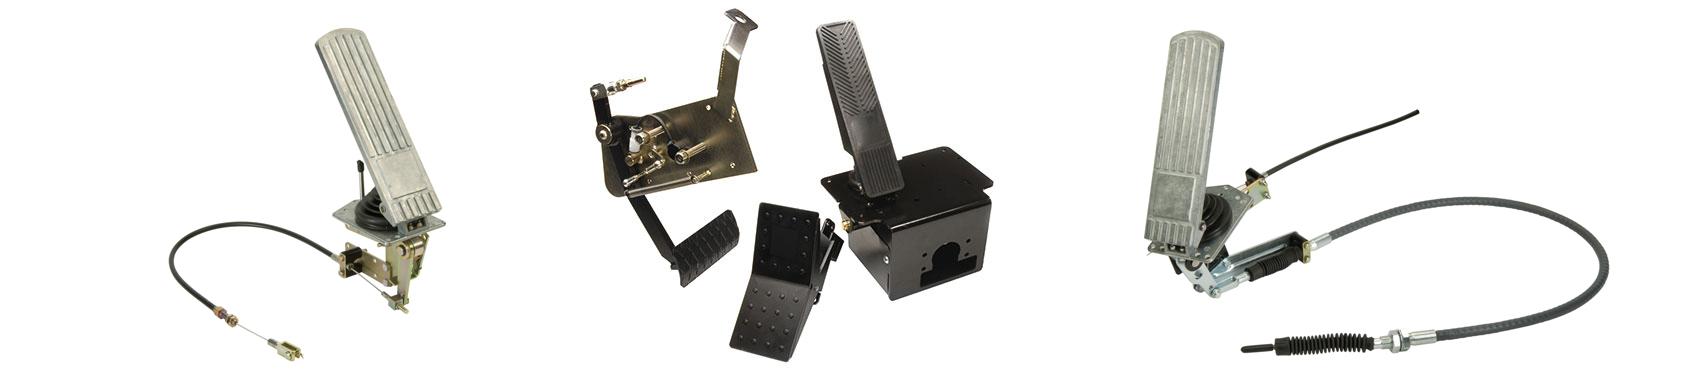 Cablecraft Foot Controls Pedals